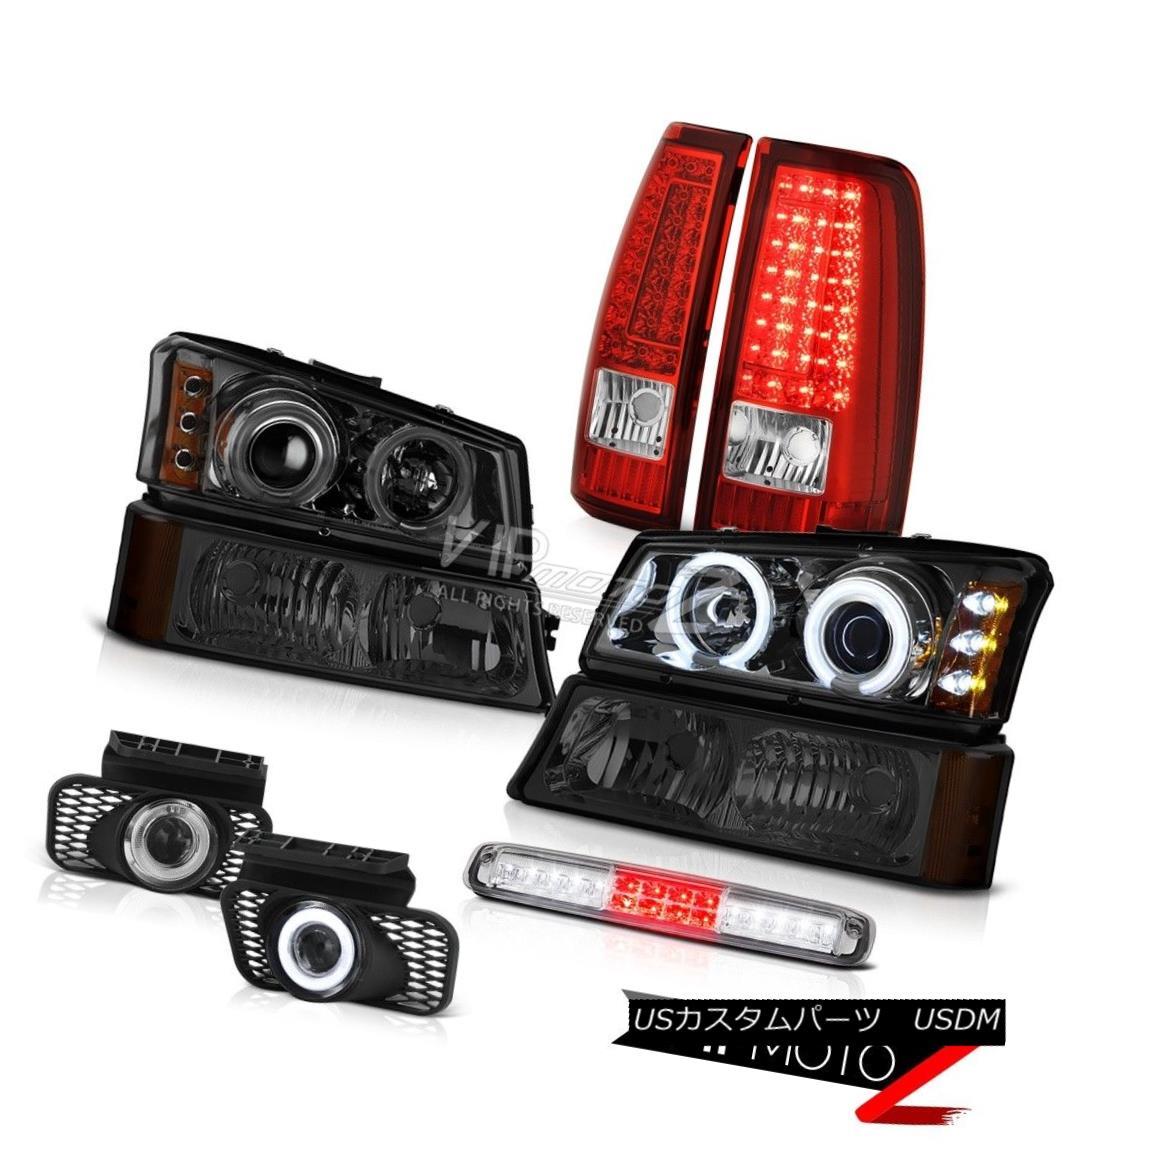 ヘッドライト 03 04 05 06 Silverado Roof Brake Light Foglights Taillights Parking Headlights 03 04 05 06 Silveradoルーフブレーキライトフォグライトテールライトパーキングヘッドライト